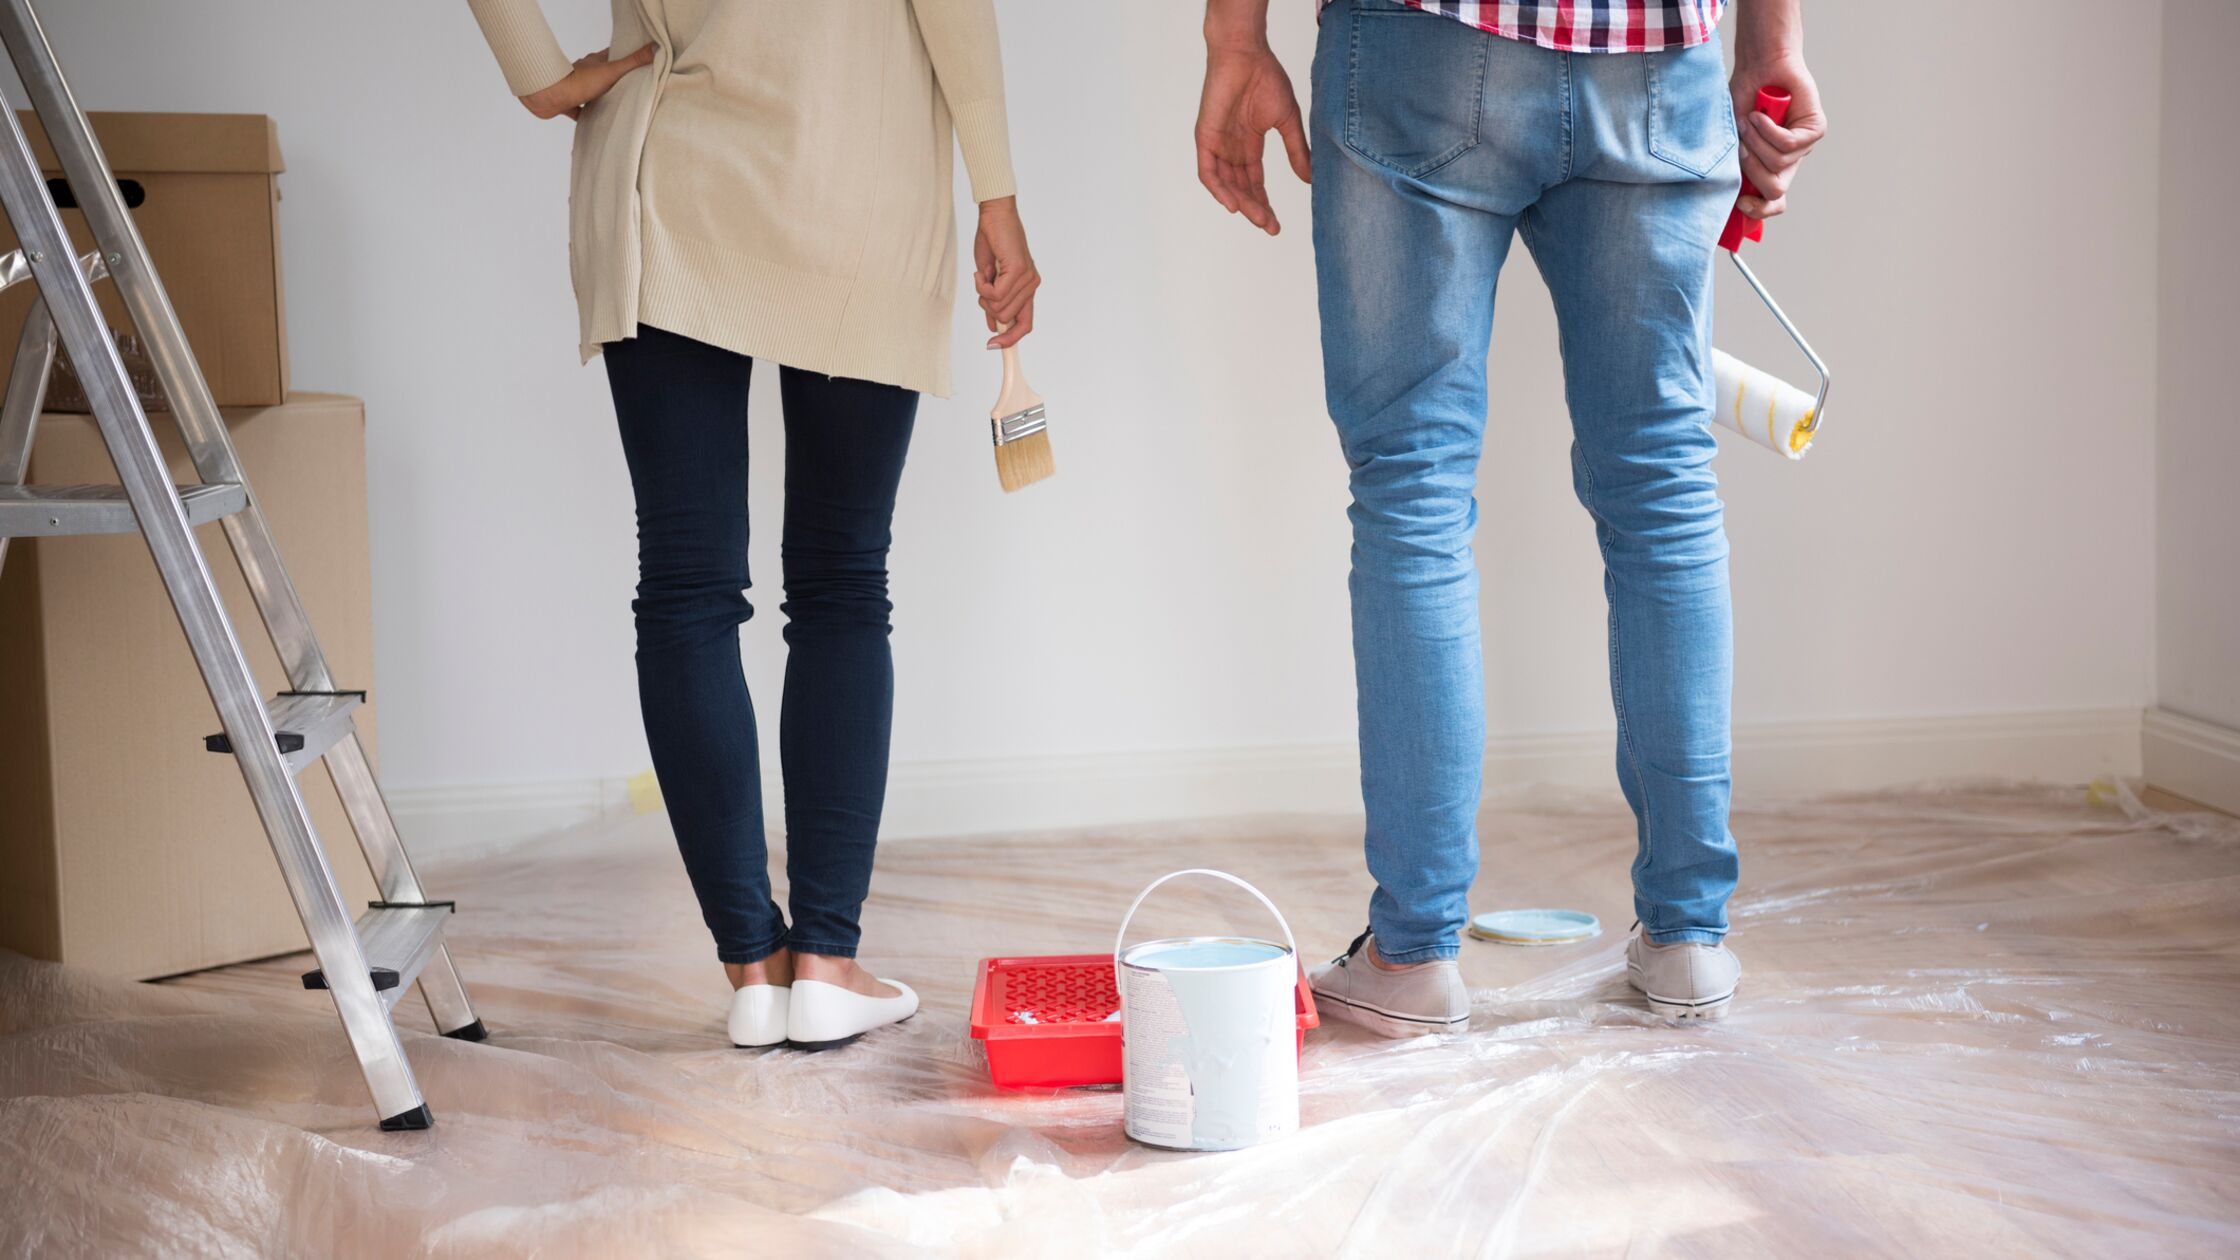 Mann und Frau mit Malerutensilien stehen vor einer Wand